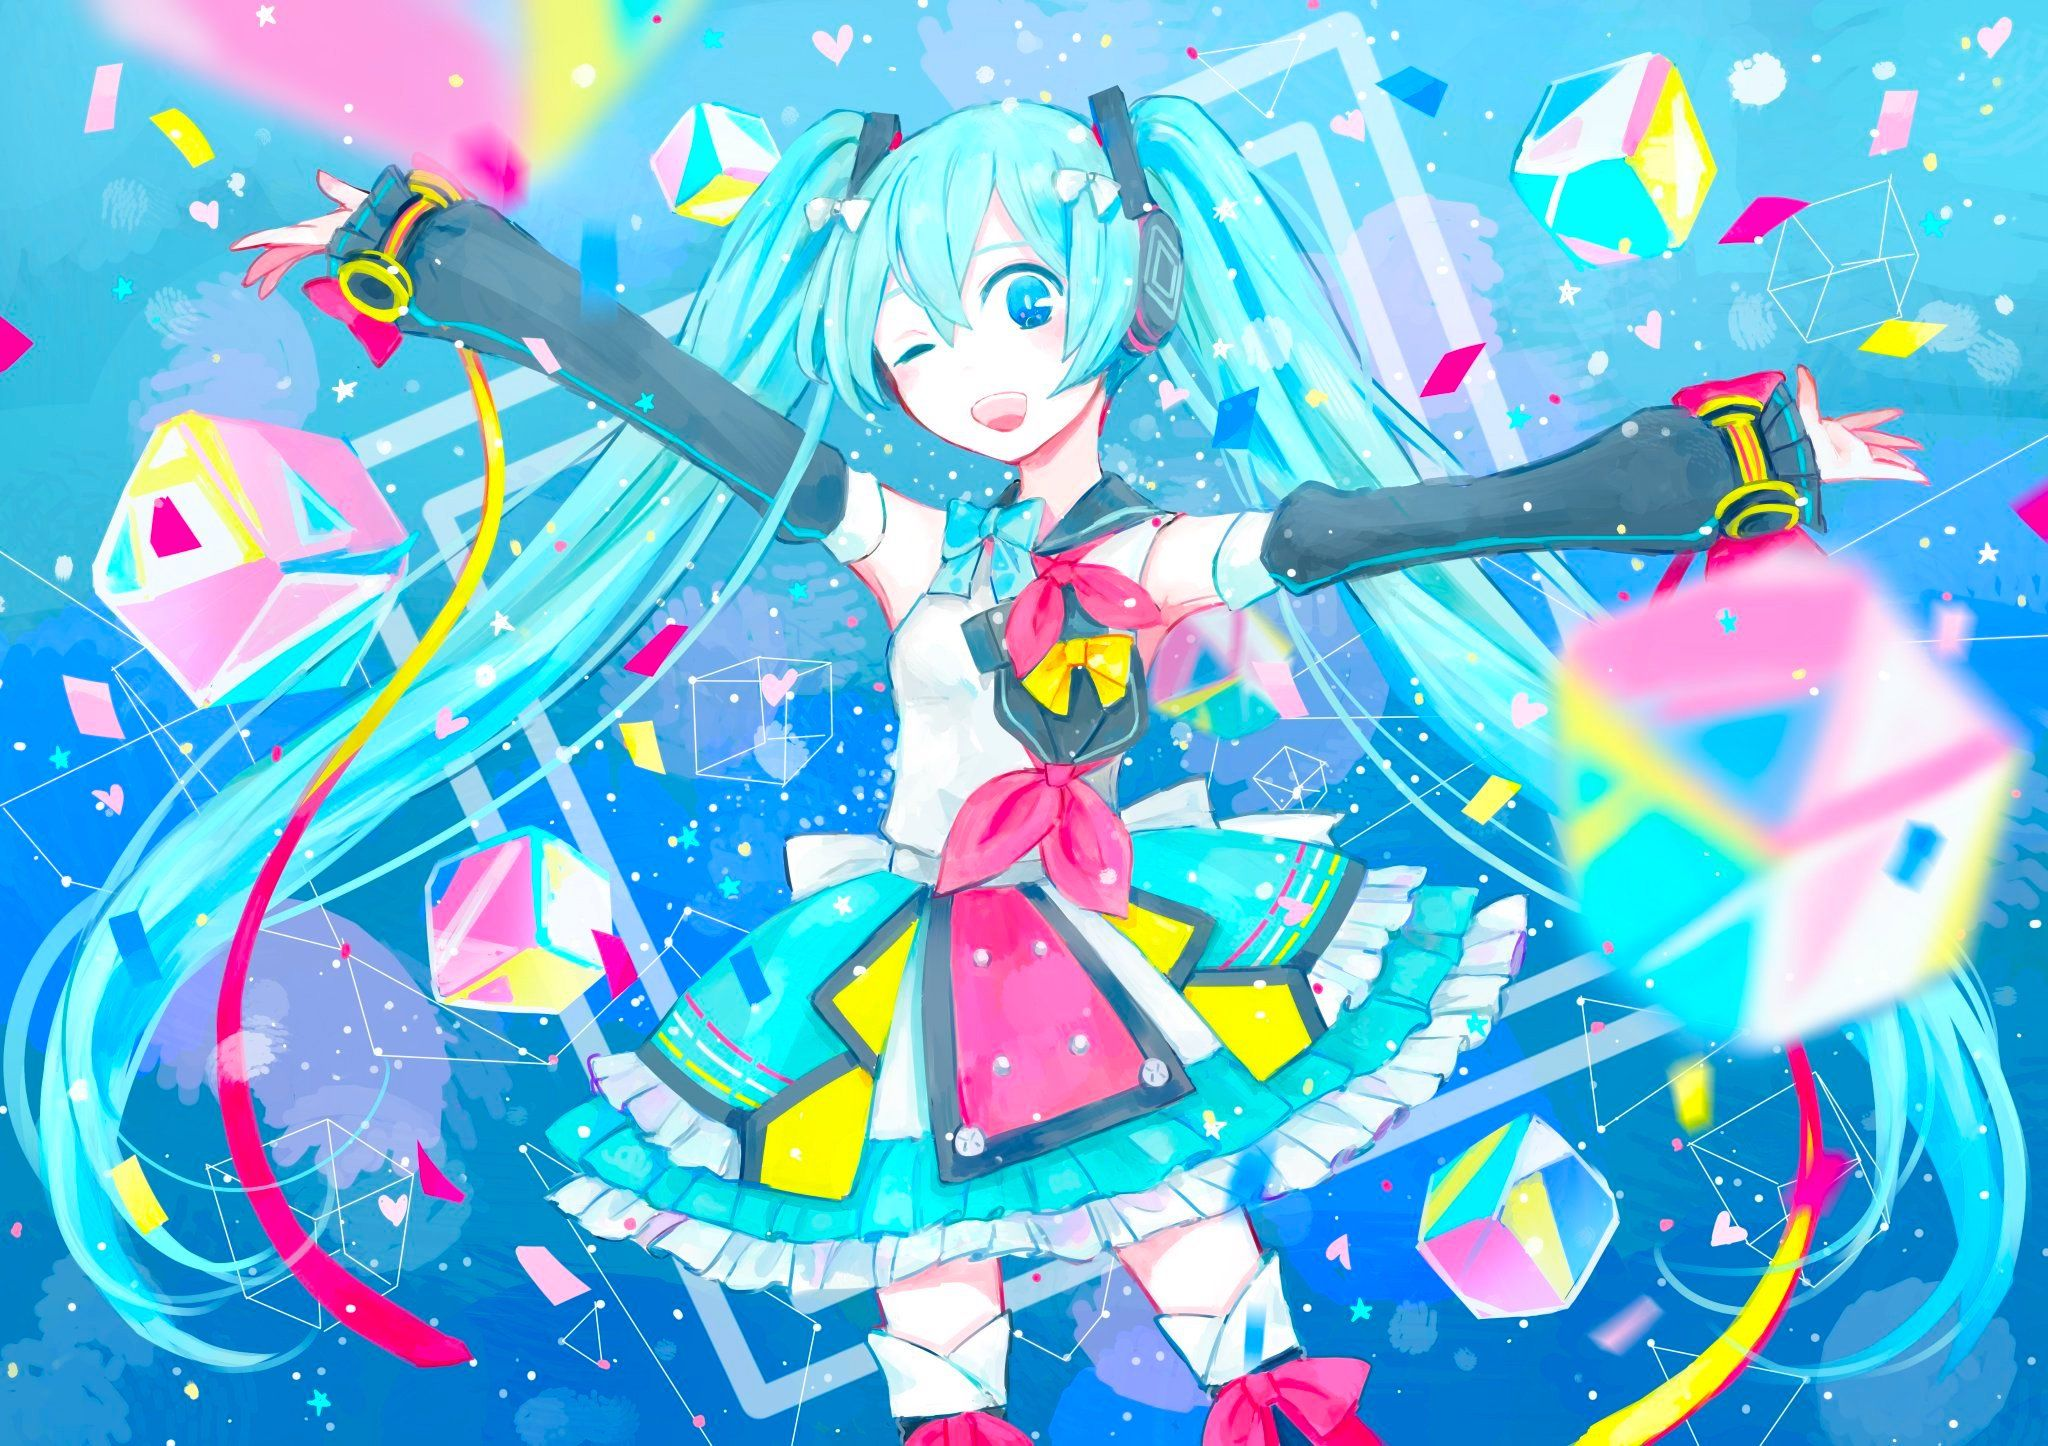 マジカルシャワー マジミラ2018ちゃん Anime Anime